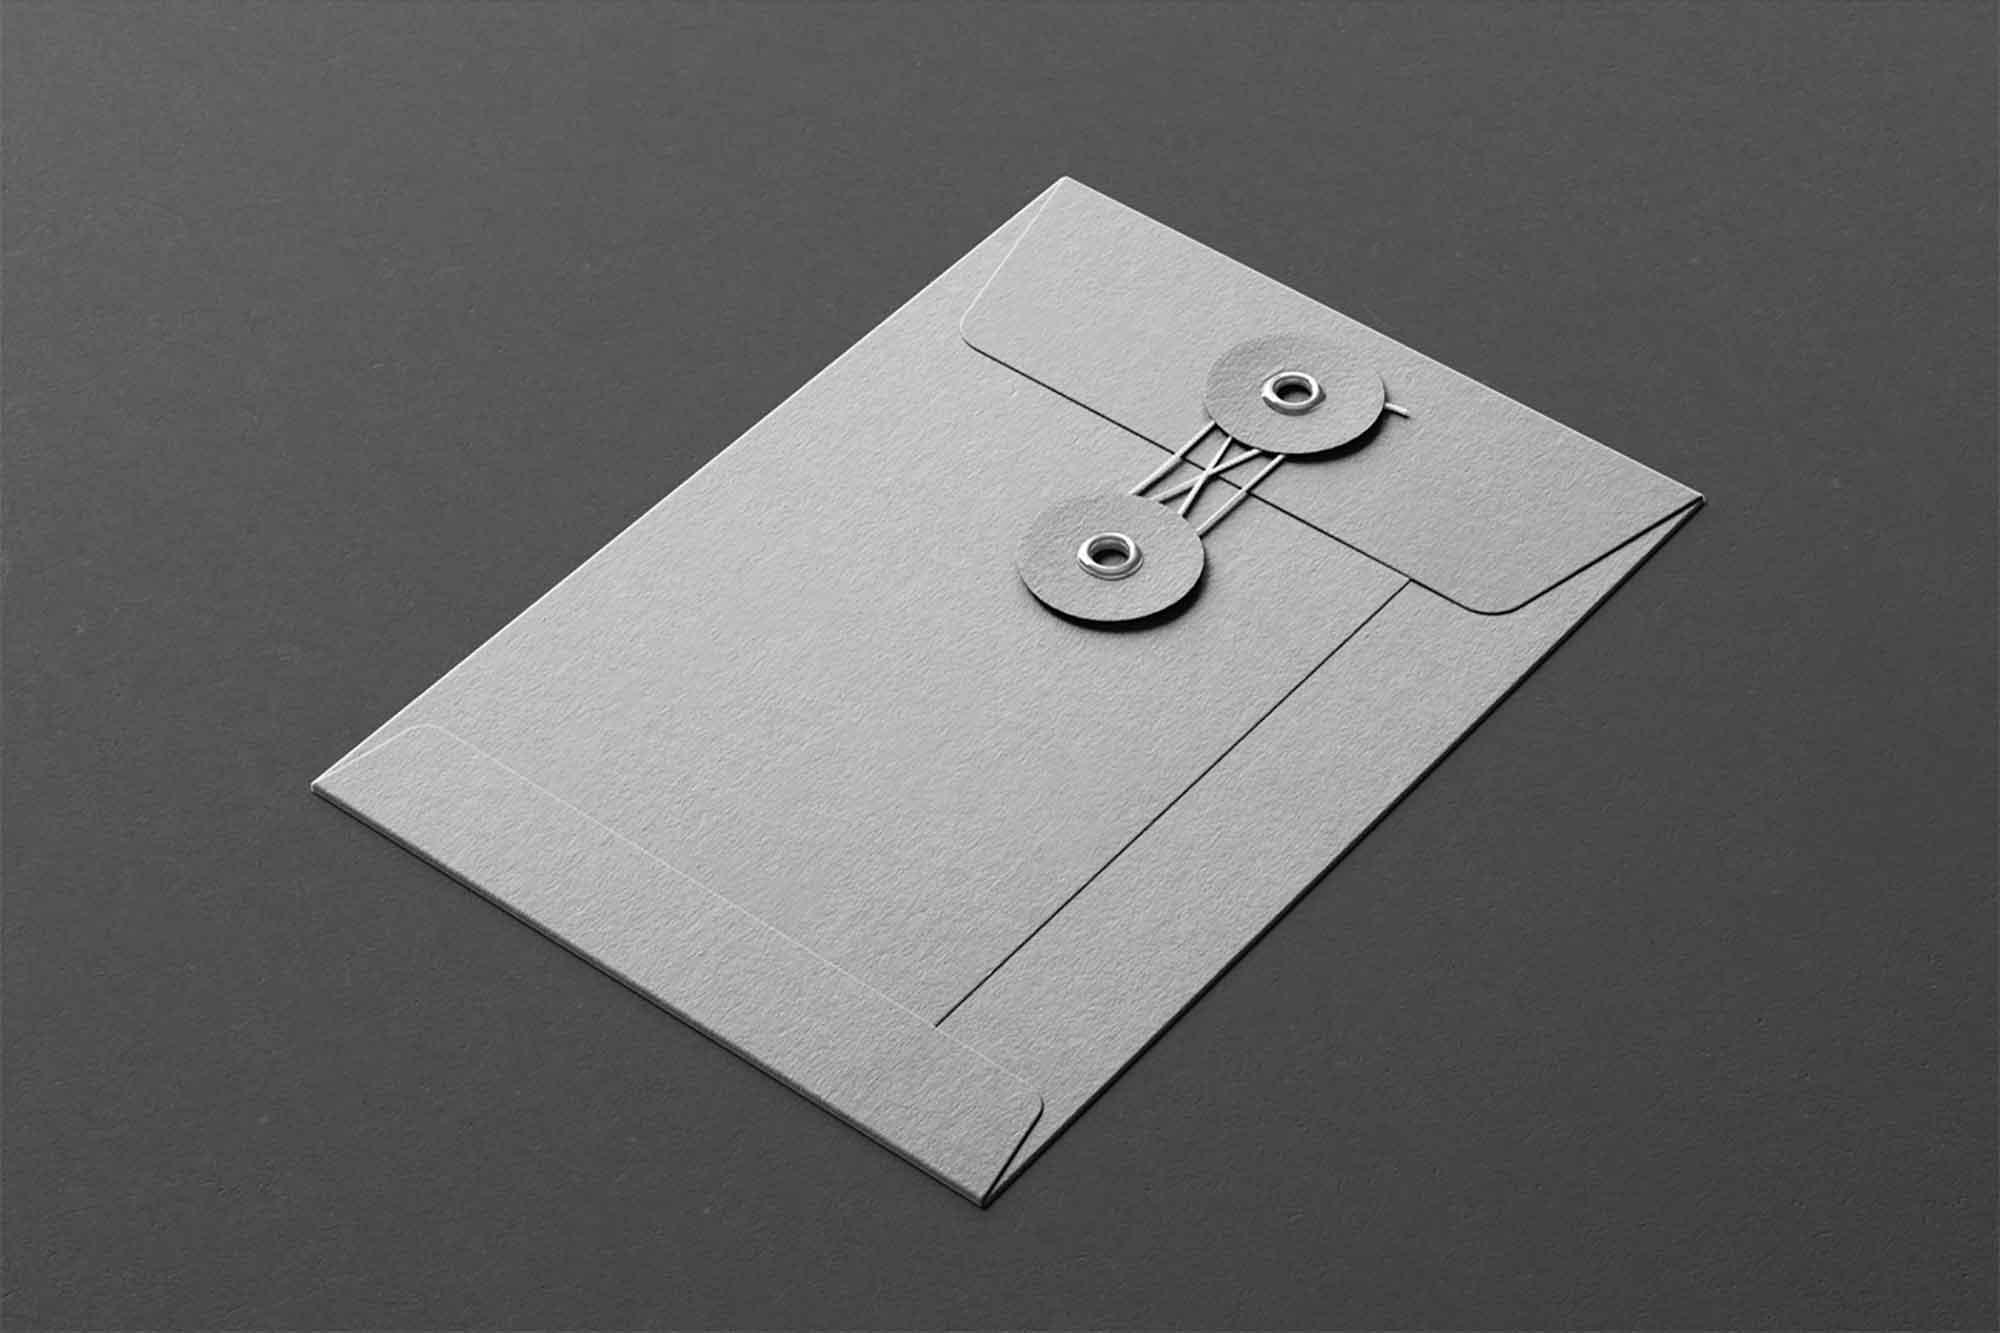 String Envelope Mockup 2